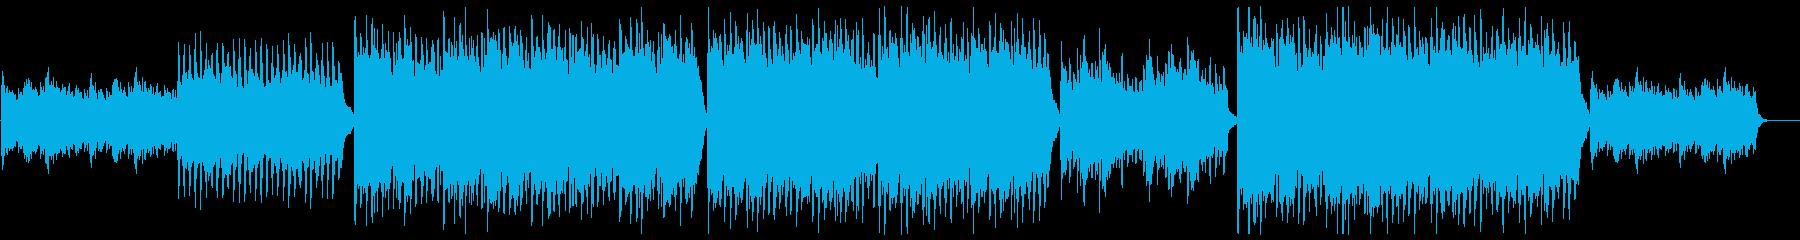 現代的で前向きなバイオリン:フルx1の再生済みの波形